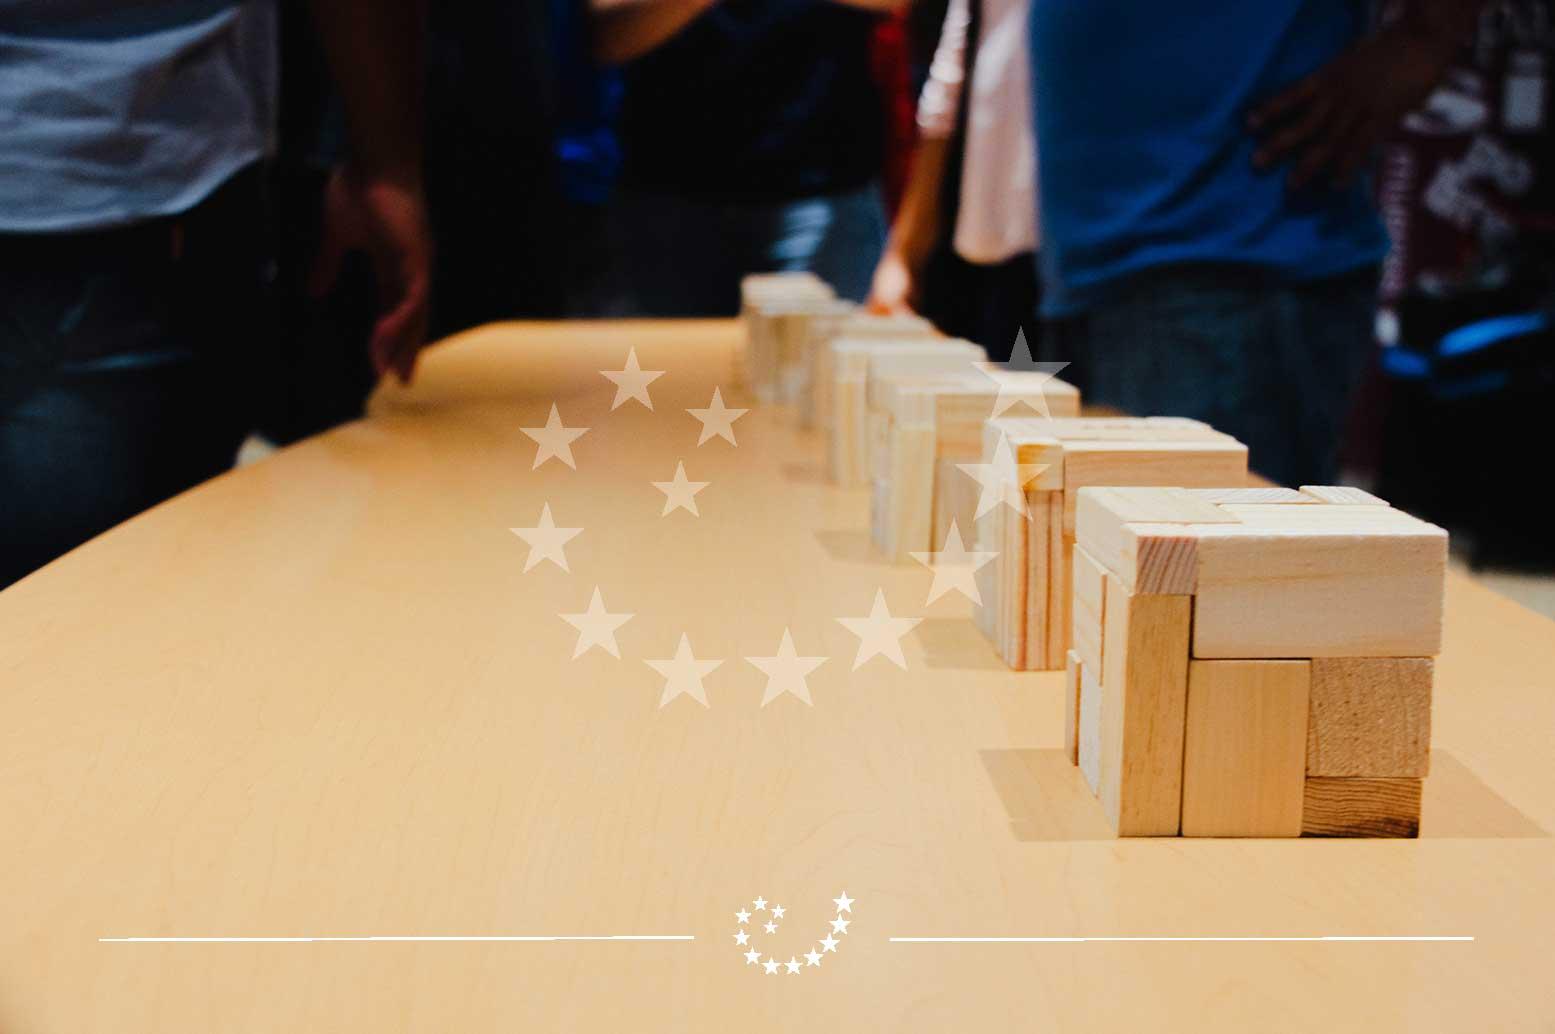 simulacro-de-comunicacion-y-team-building-de-integracion-7